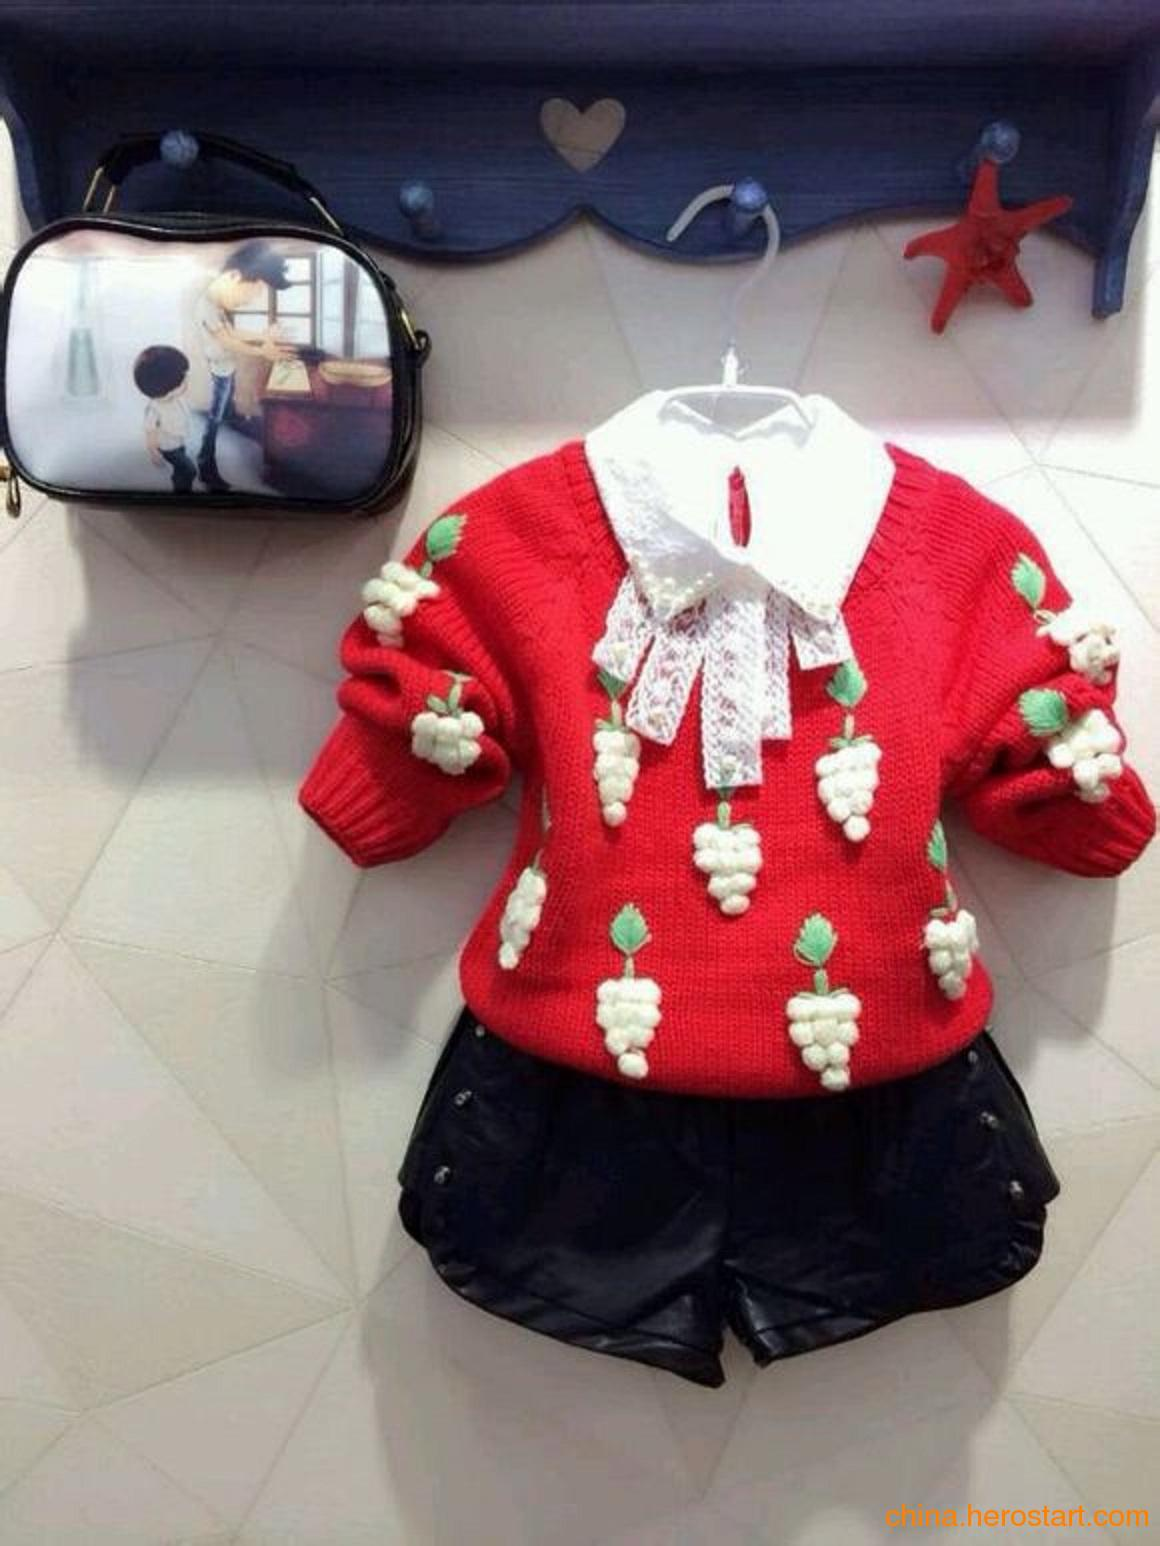 供应广州的纯童装大嘴猴、青蛙王子、巴拉巴拉品牌同舟共蝗尾货货源批发加盟